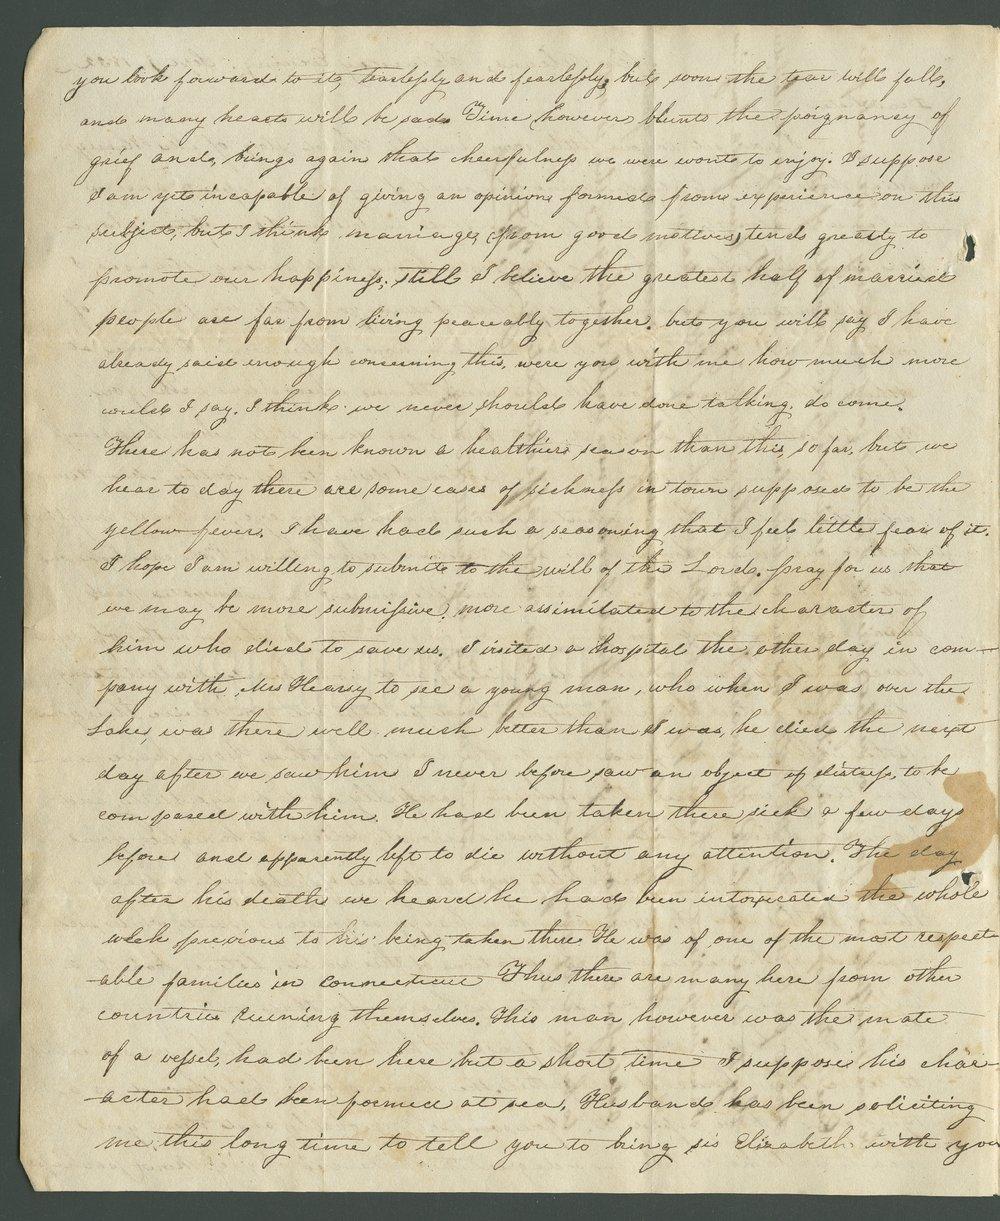 Catherine B. Dart to Lewis Allen Alderson - 2